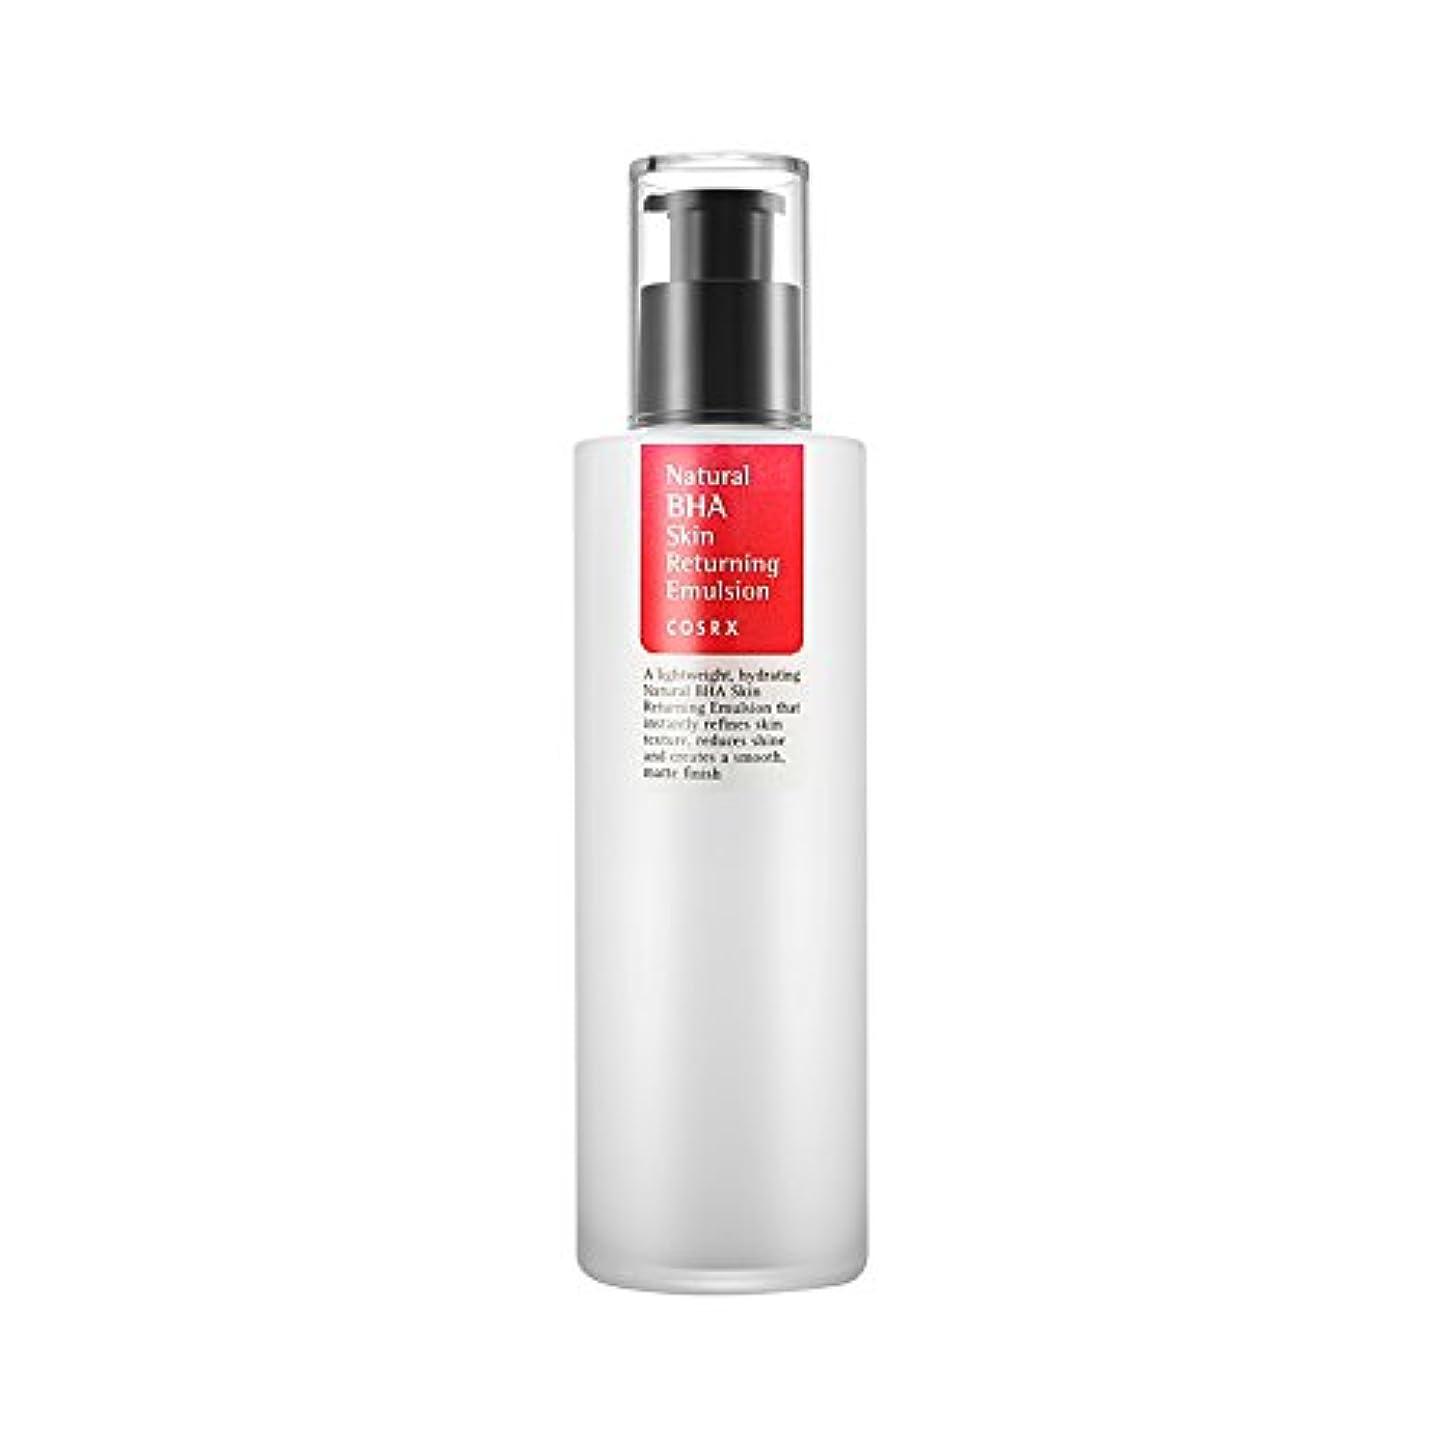 ケントエクスタシー腐ったCOSRX ナチュラル BHA スキンリータニング エマルジョン/Natural BHA Skin Returning Emulsion(100ml) (100ml*3個)